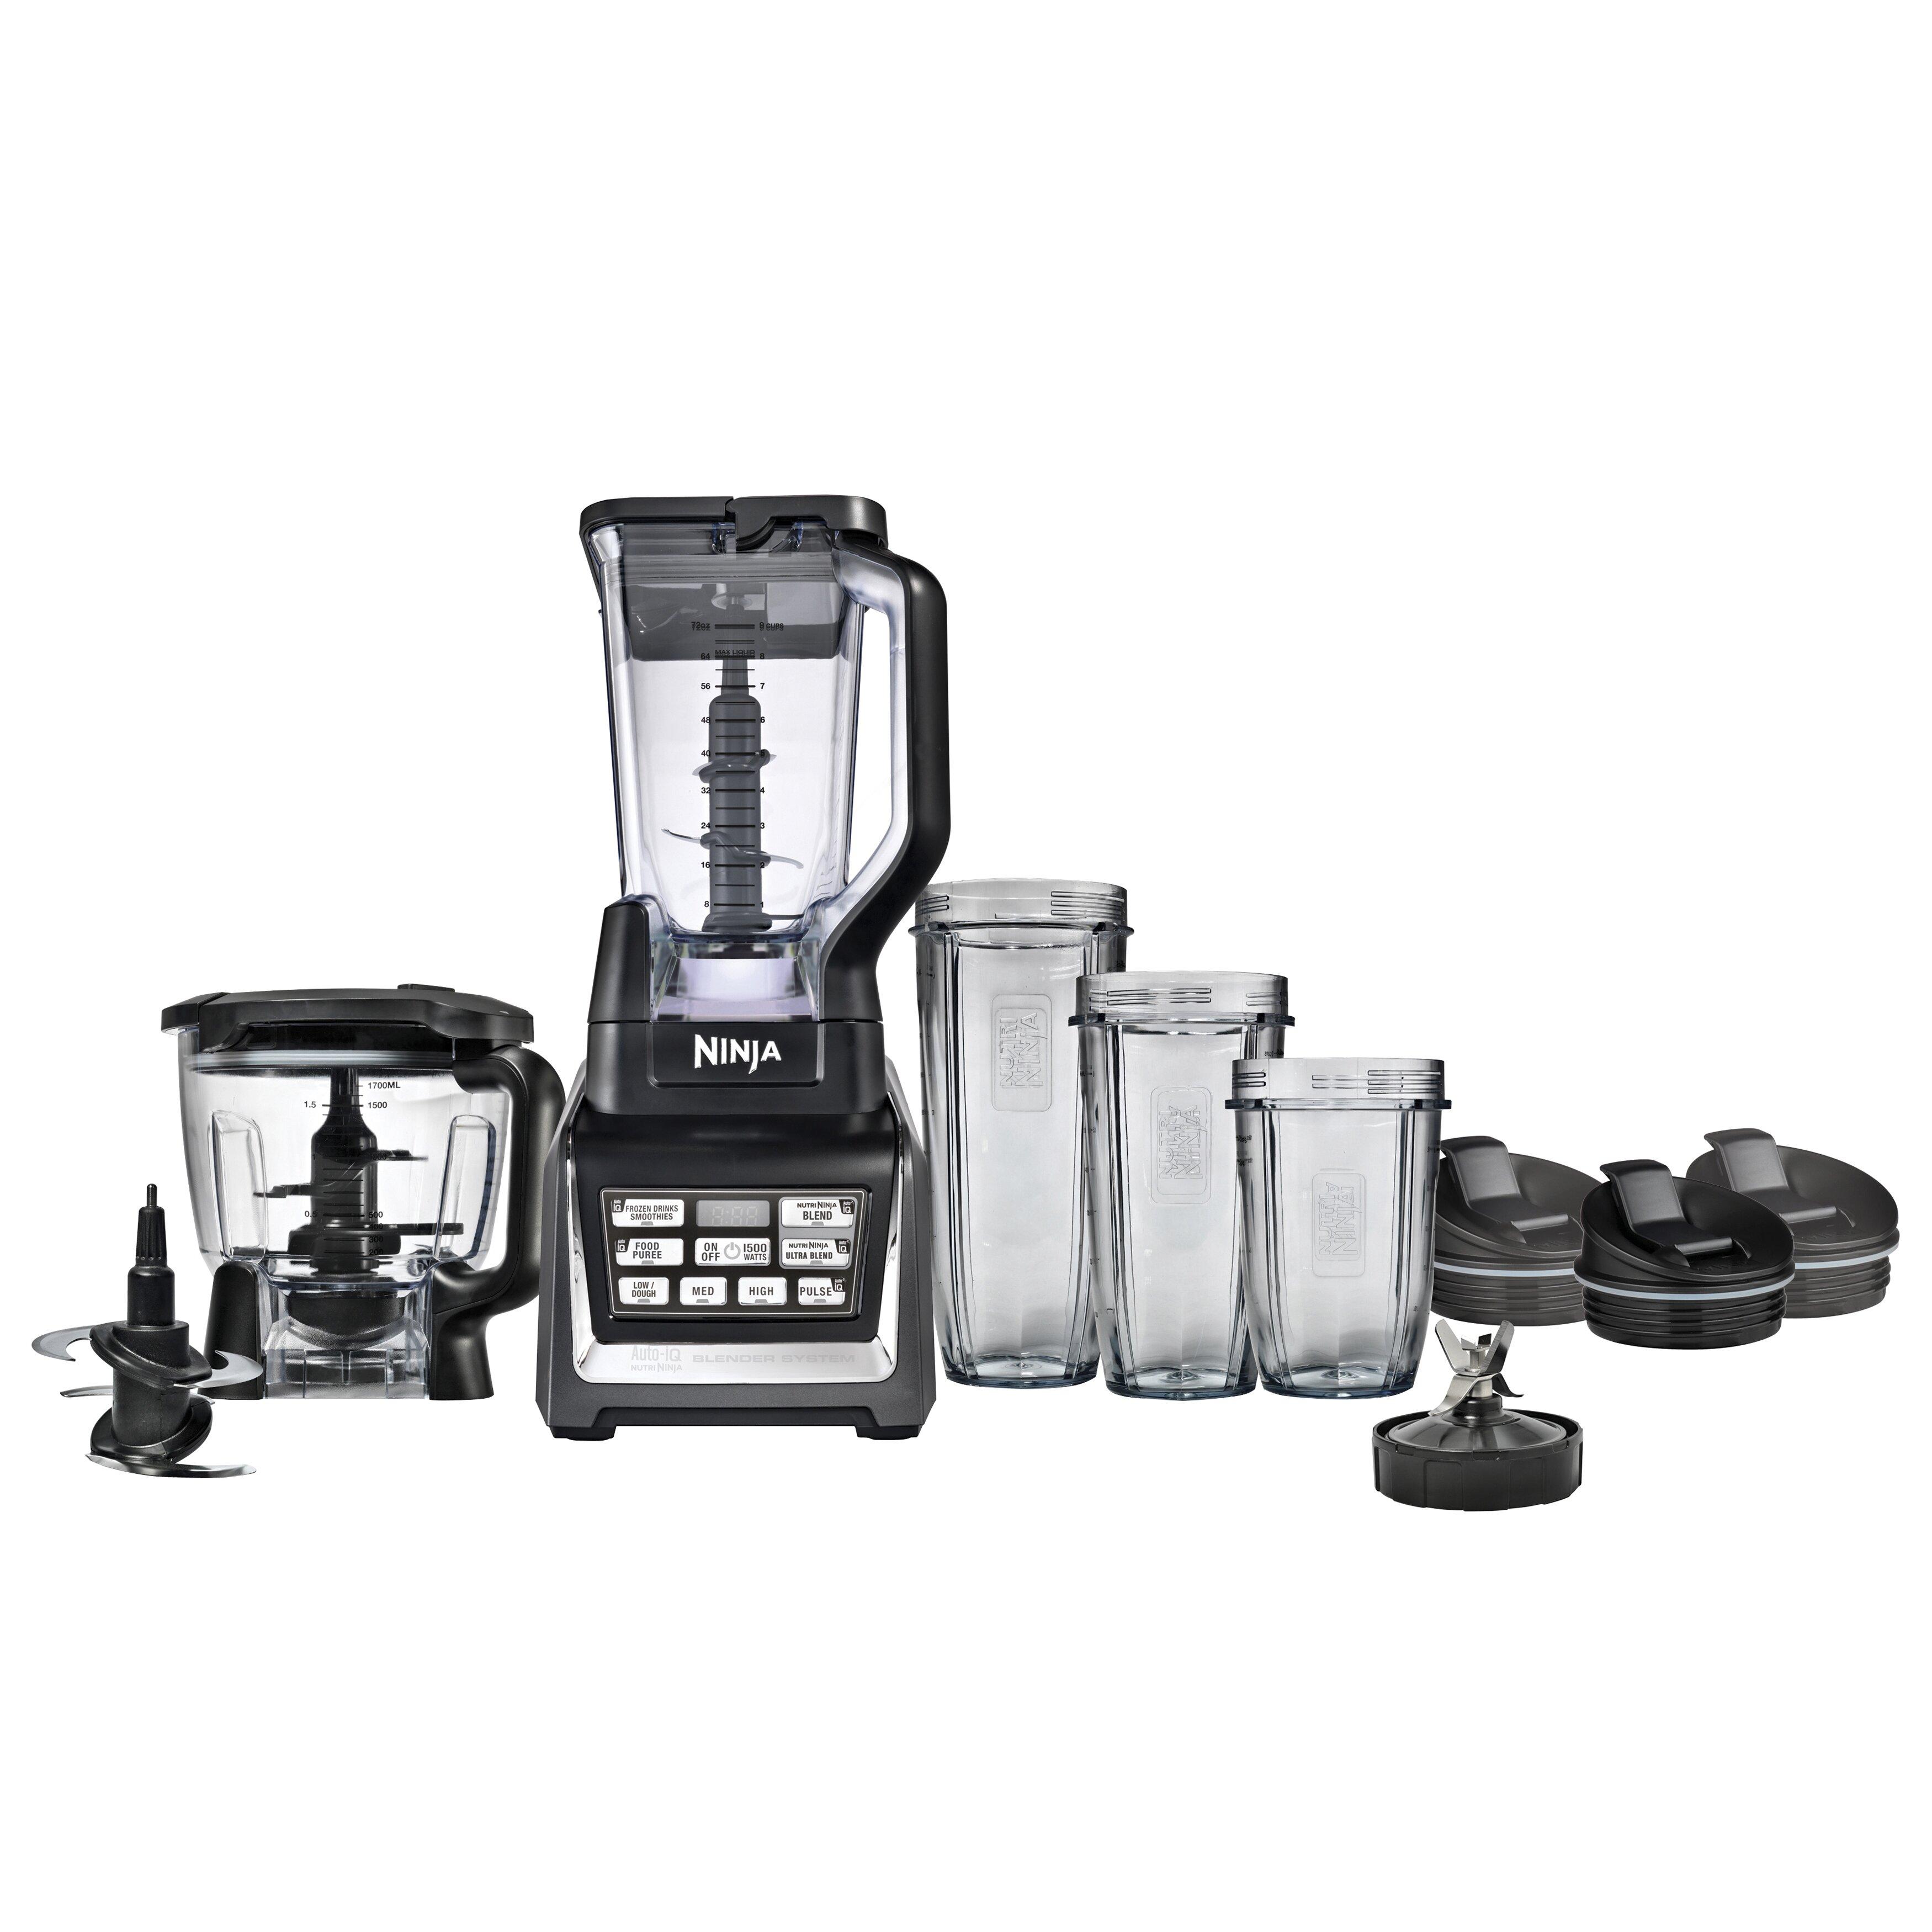 ninja bl700 blender and food processor kitchen system